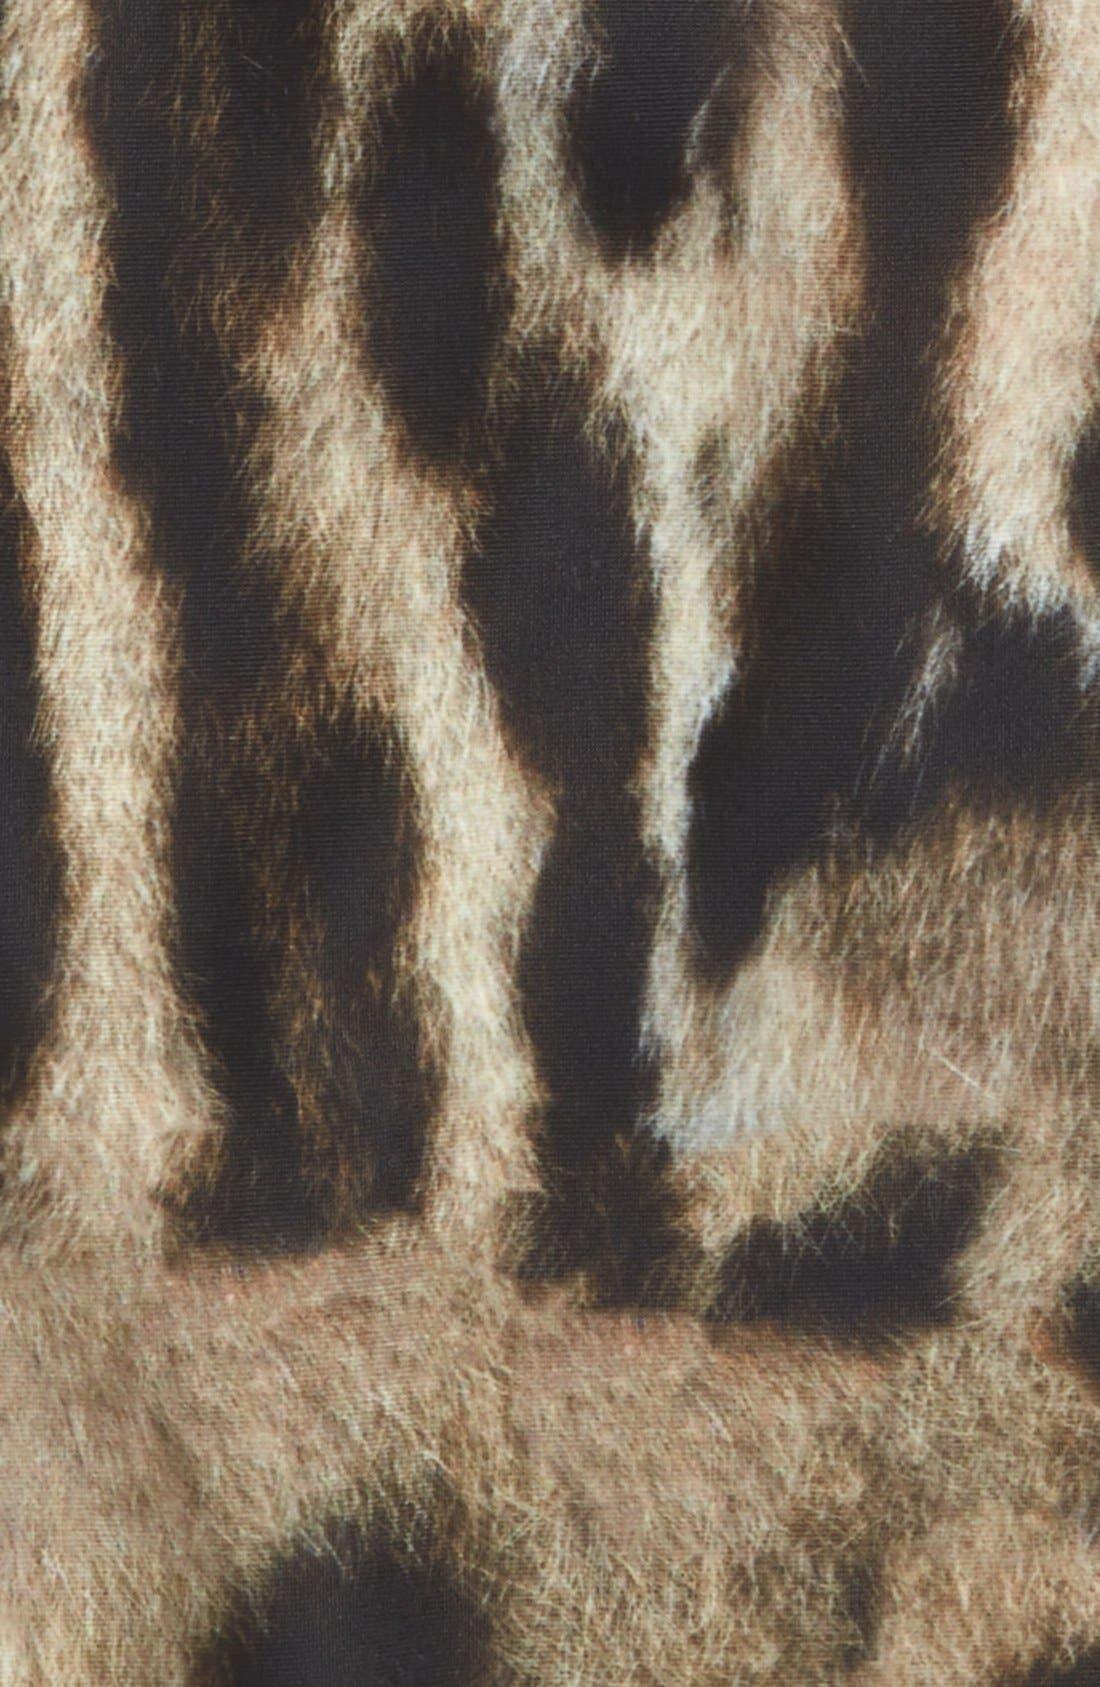 Leopard Print One-Piece Swimsuit,                             Alternate thumbnail 2, color,                             215